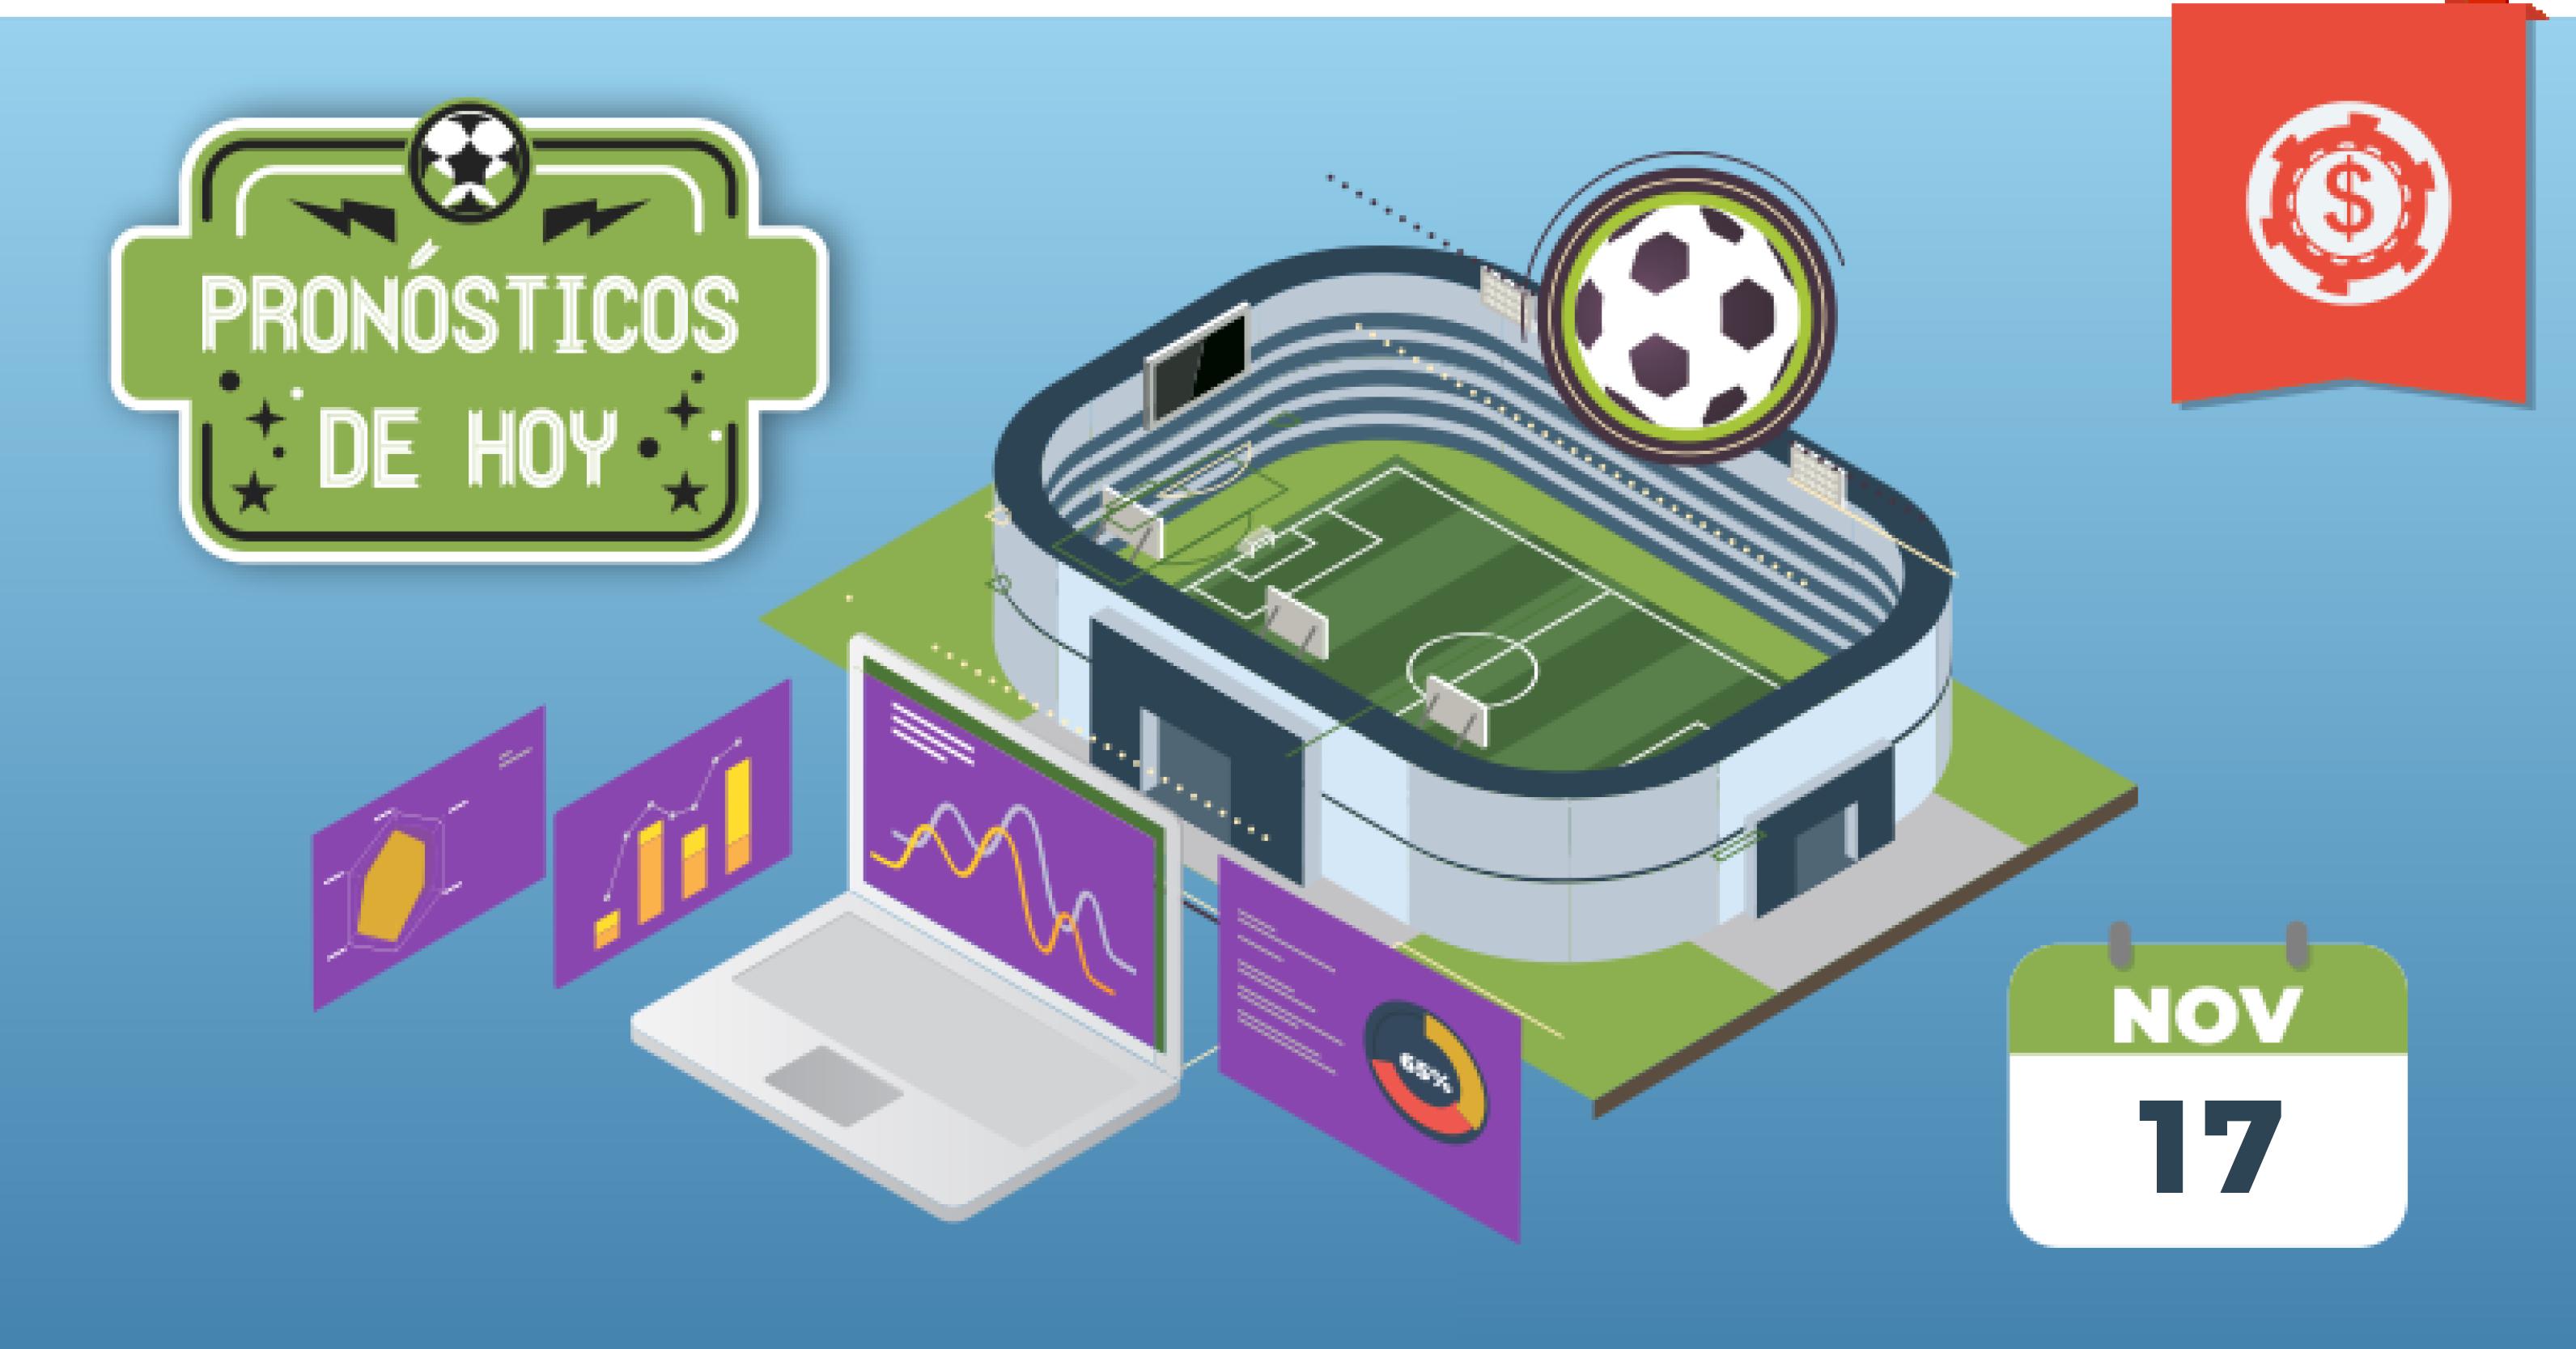 pronosticos-futbol-hoy-predicciones-17-noviembre-2019